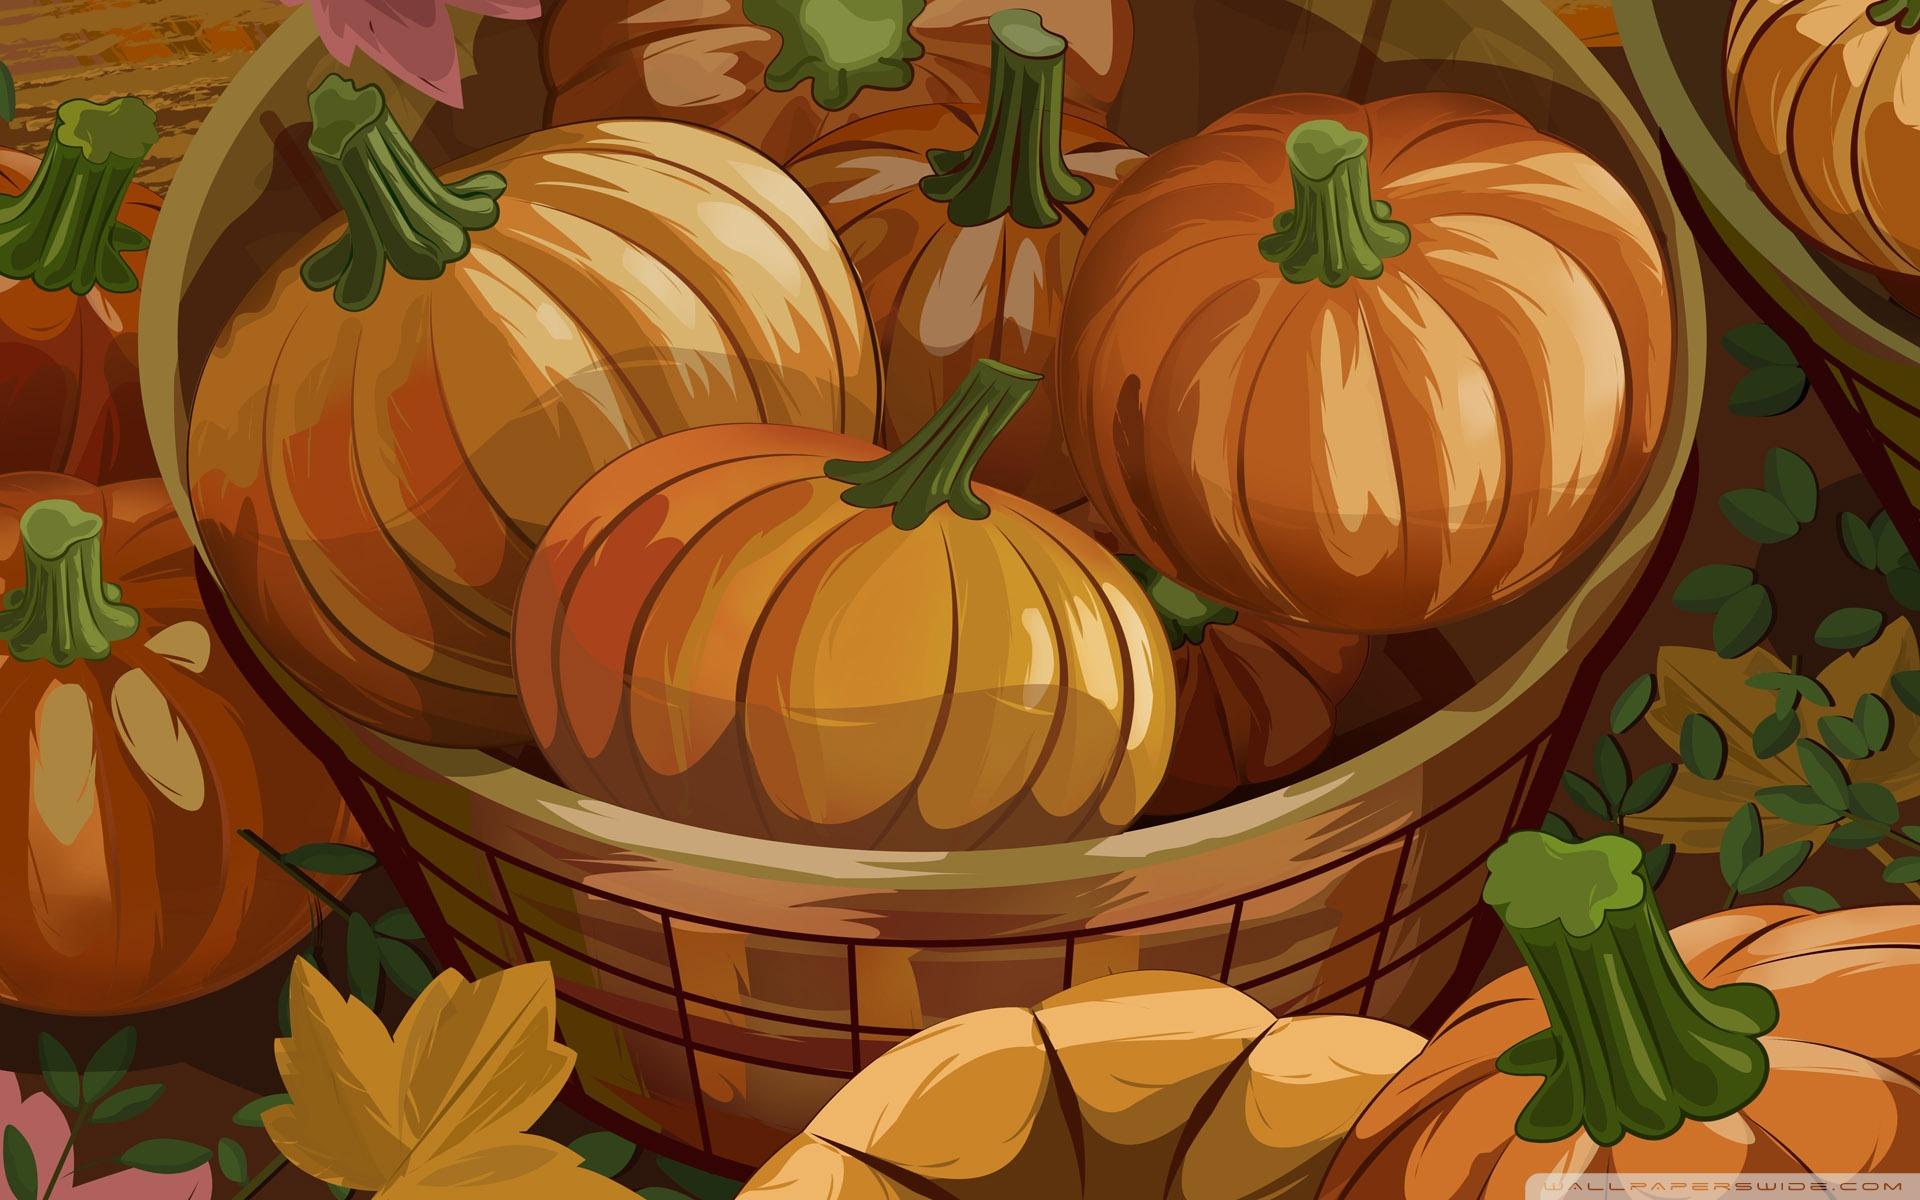 Fall Harvest Wallpaper Backgrounds Orange Pumpkins Halloween Autumn 4k Hd Desktop Wallpaper